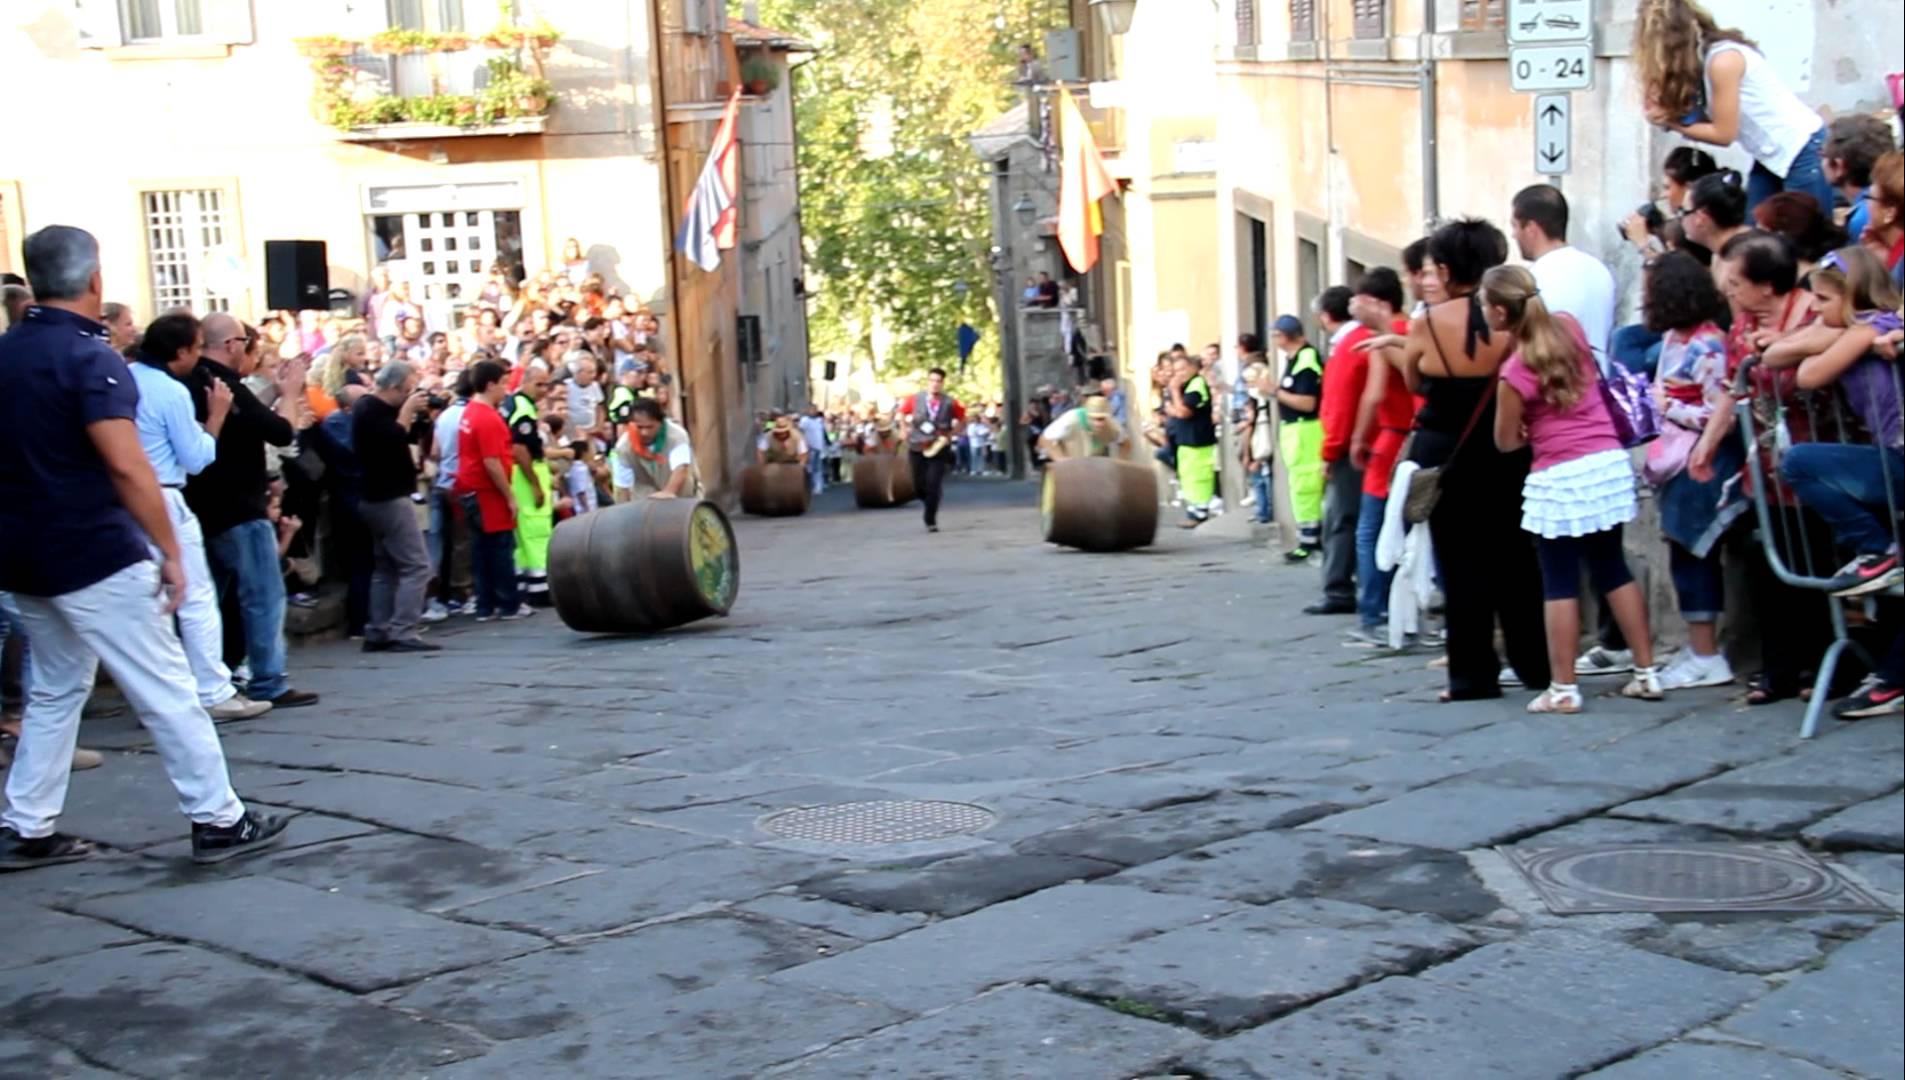 Piano Scarano: festa dell'uva, autentica festa popolare di antiche tradizioni